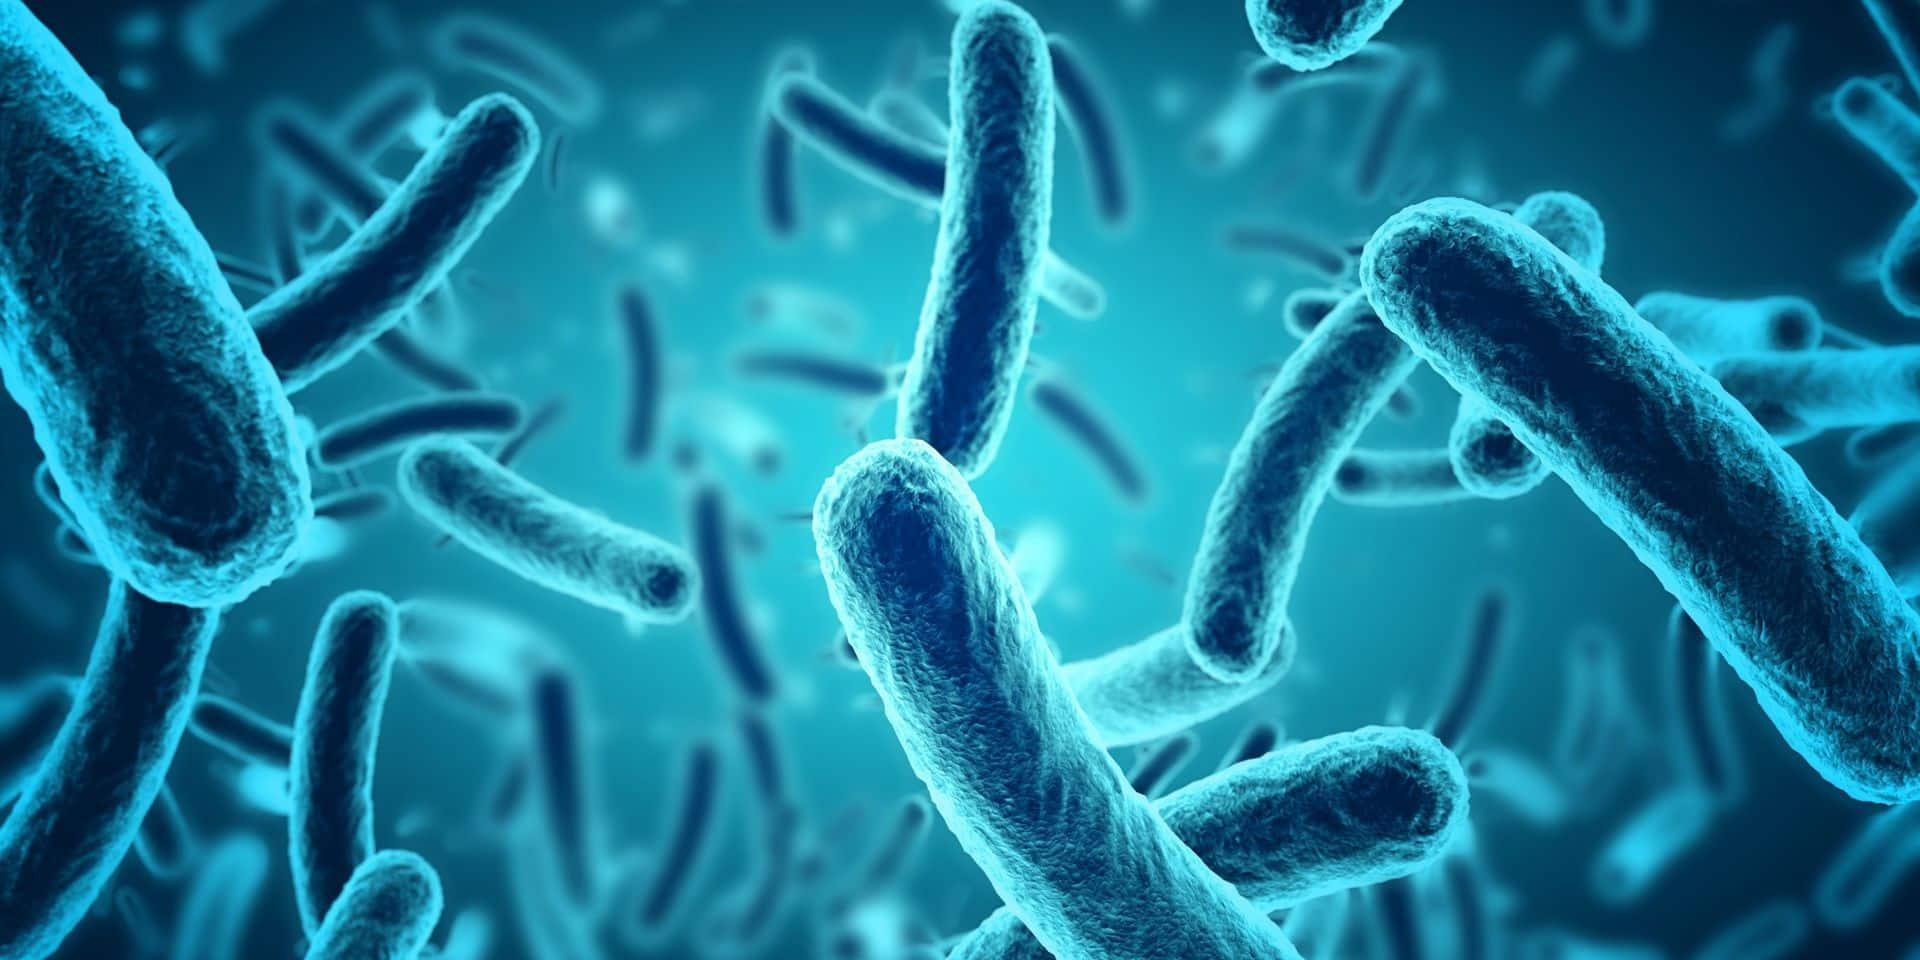 Bactéries, virus, parasites… Ces micro-organismes dotés de macro-pouvoirs